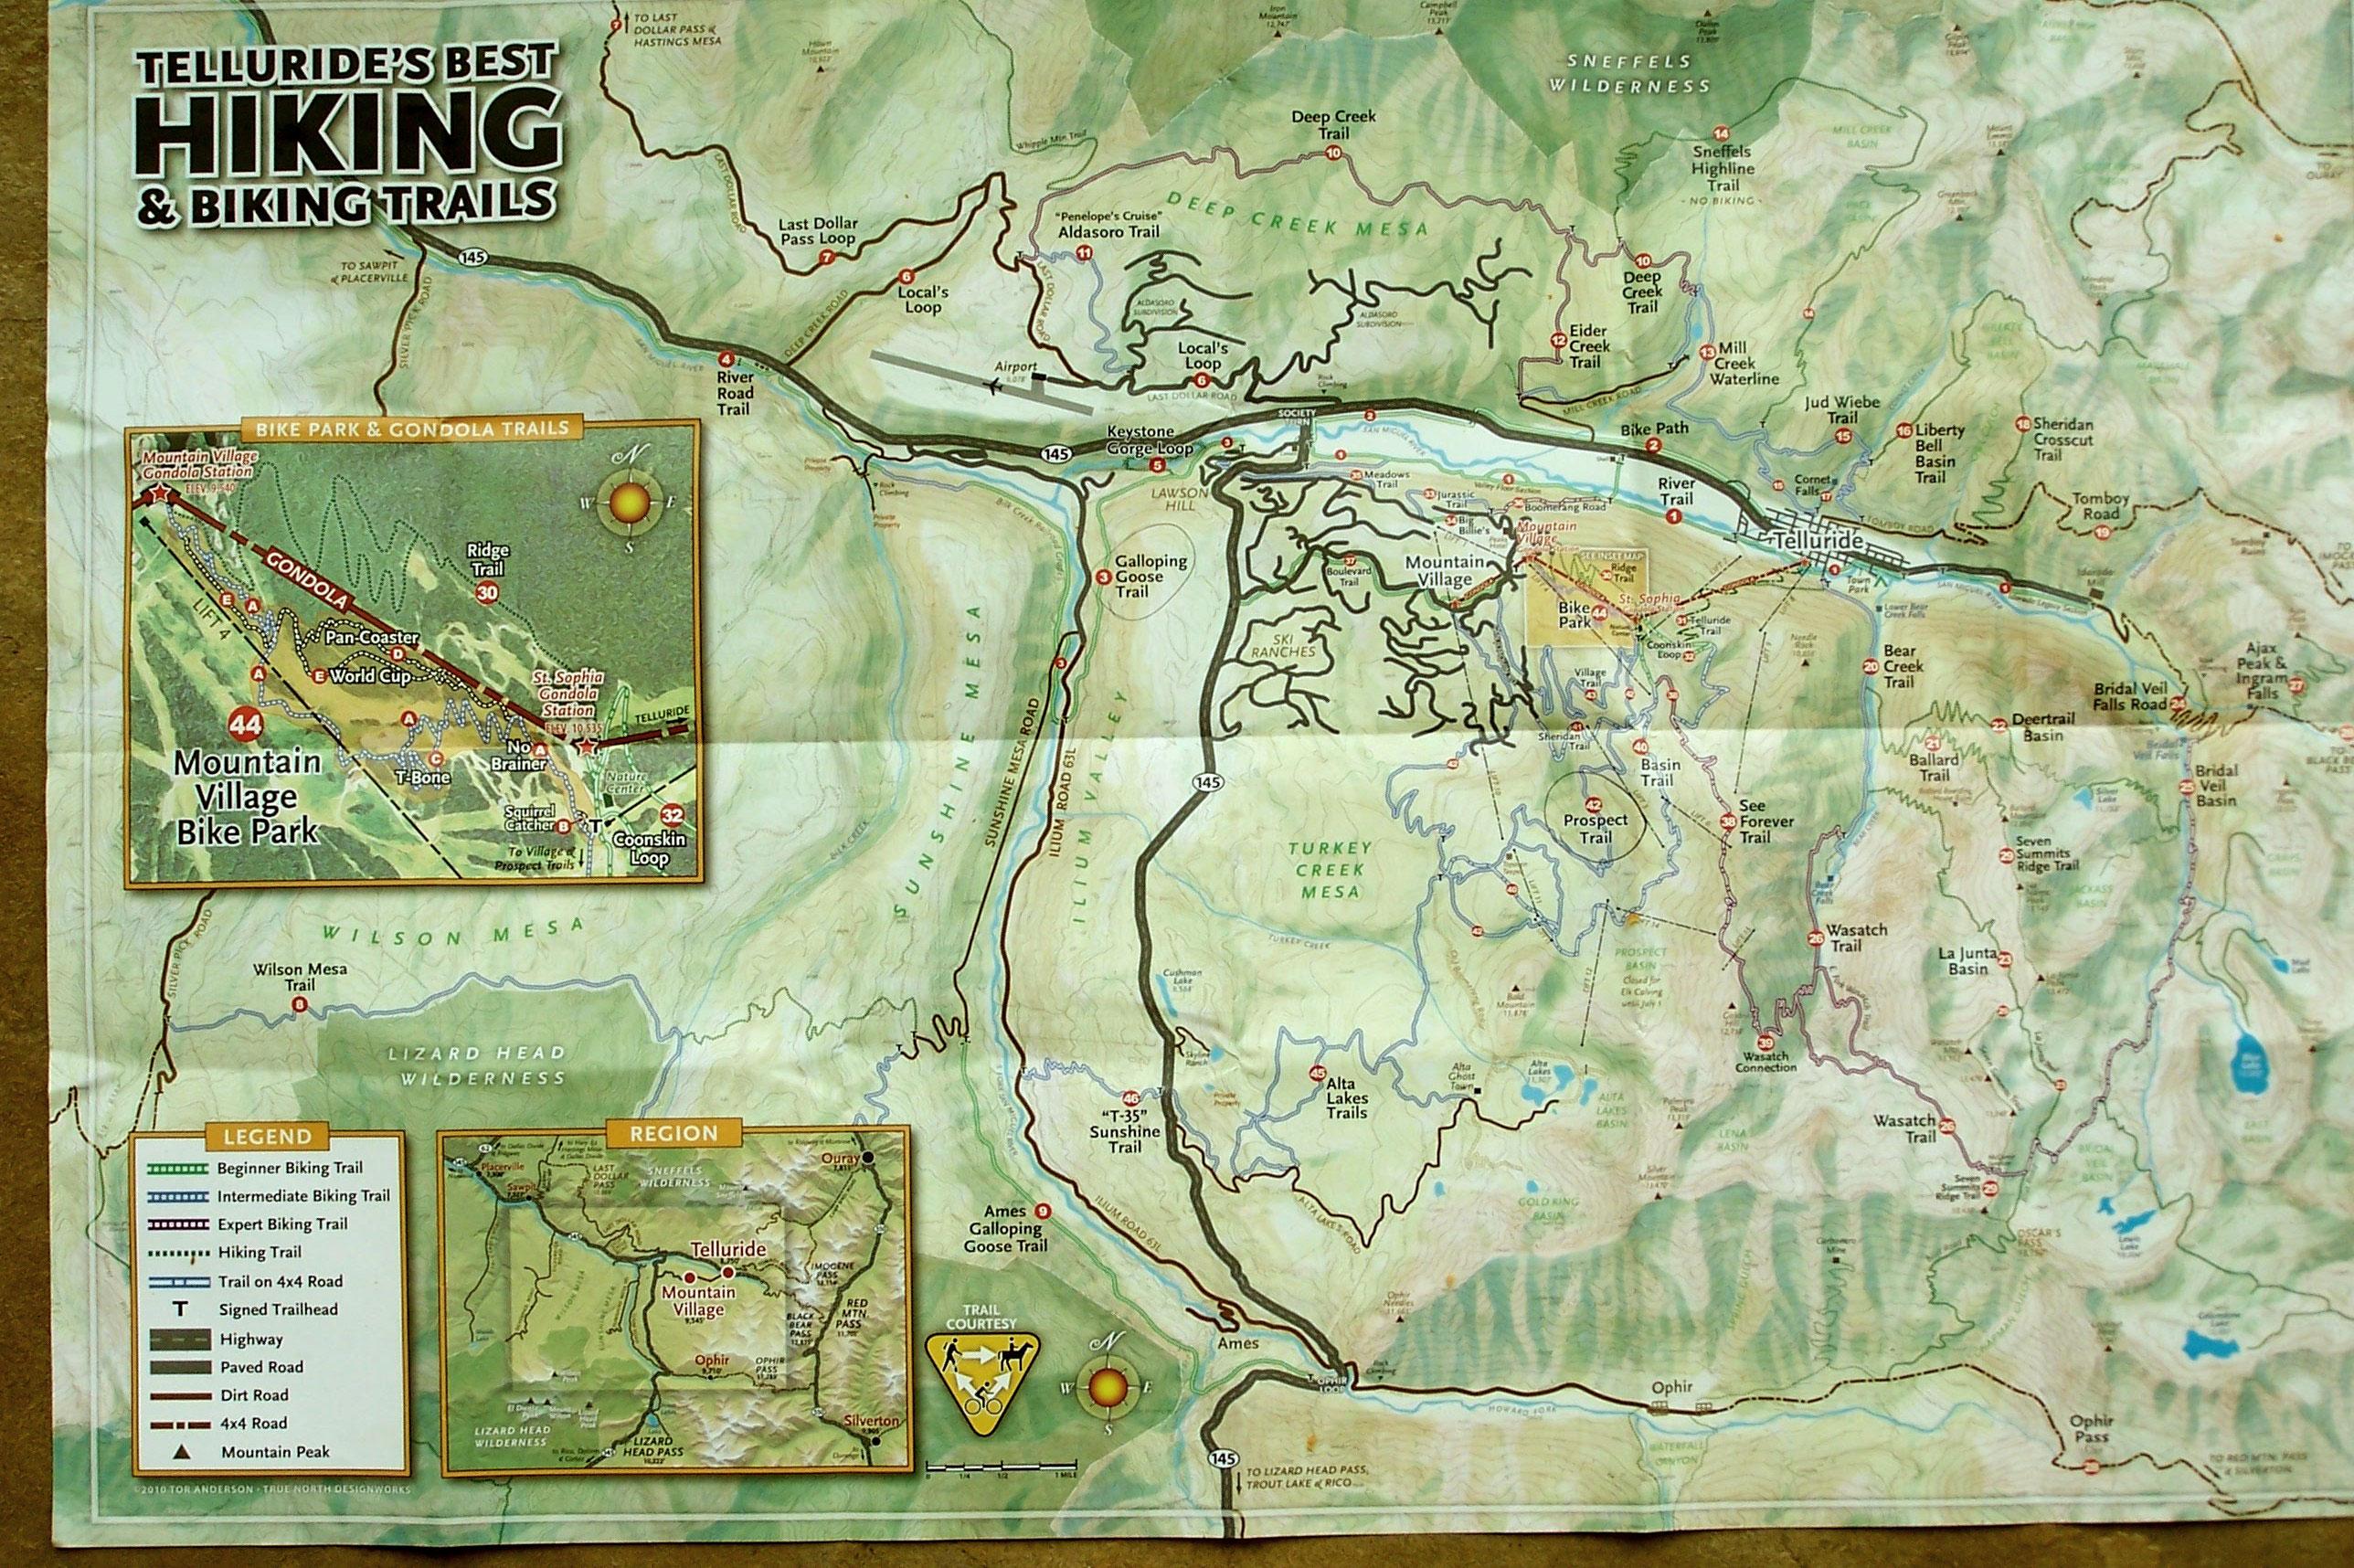 telluride's best hiking and biking trails . bob burd's trip reports